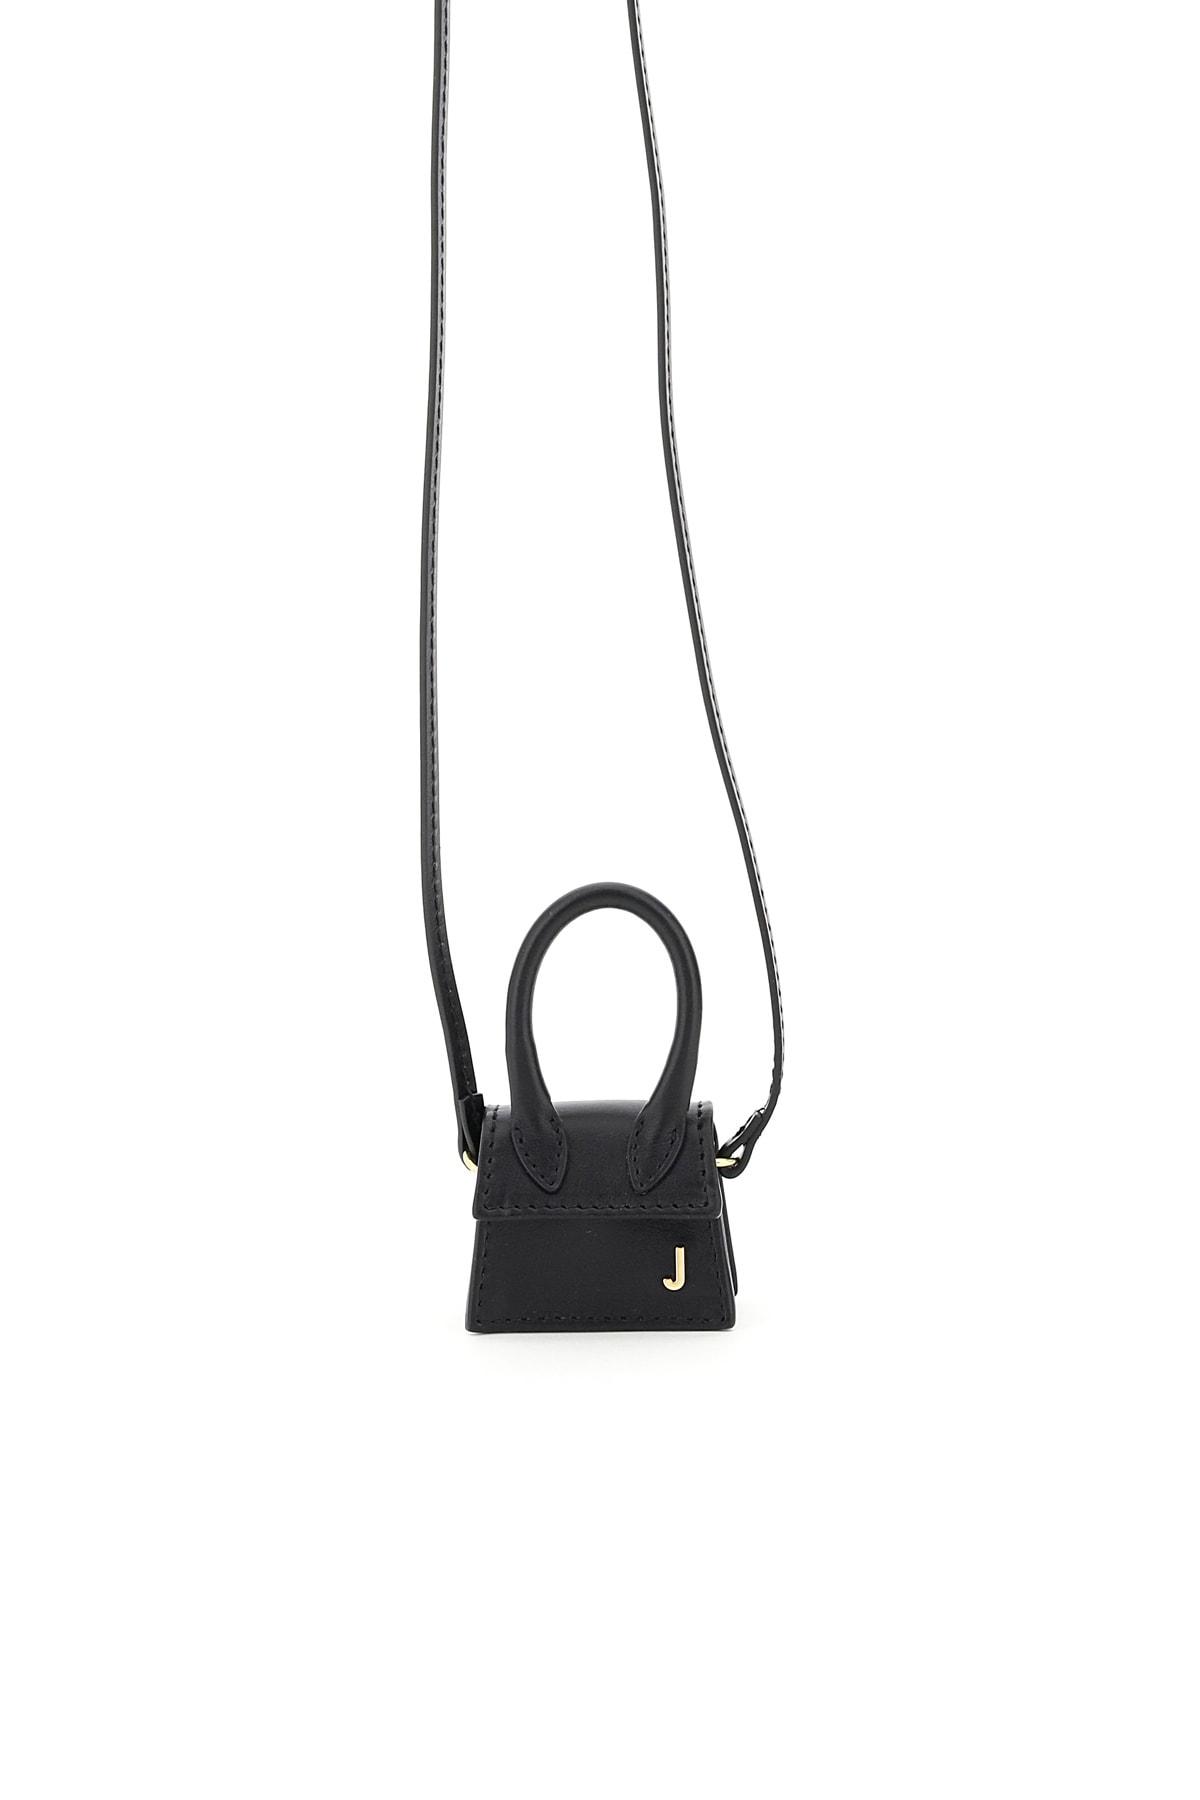 Jacquemus Le Petit Chiquito Micro Bag In Black (black)